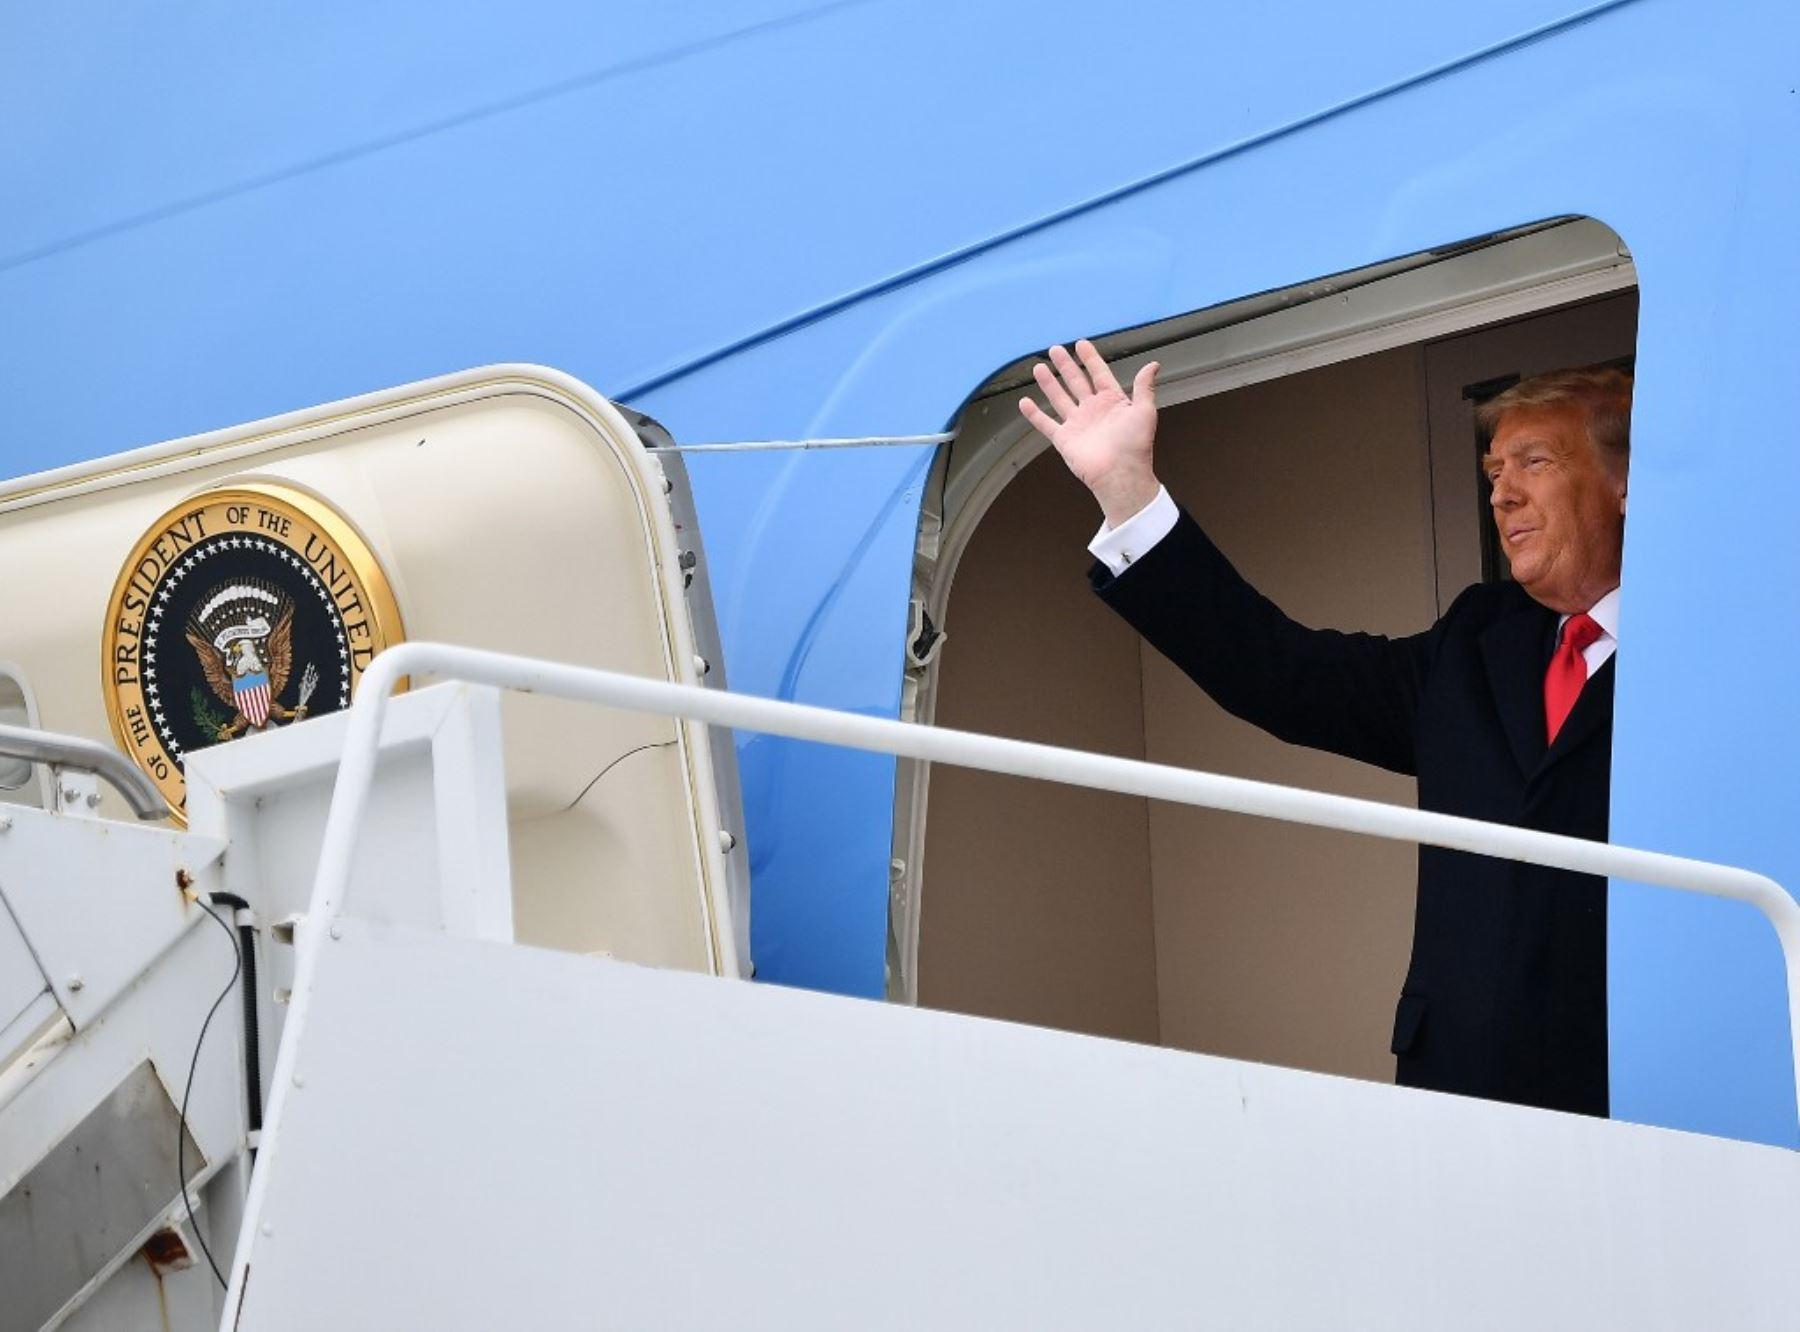 El presidente de los Estados Unidos, Donald Trump, recorre una sección del muro fronterizo en Alamo, Texas. Foto: AFP